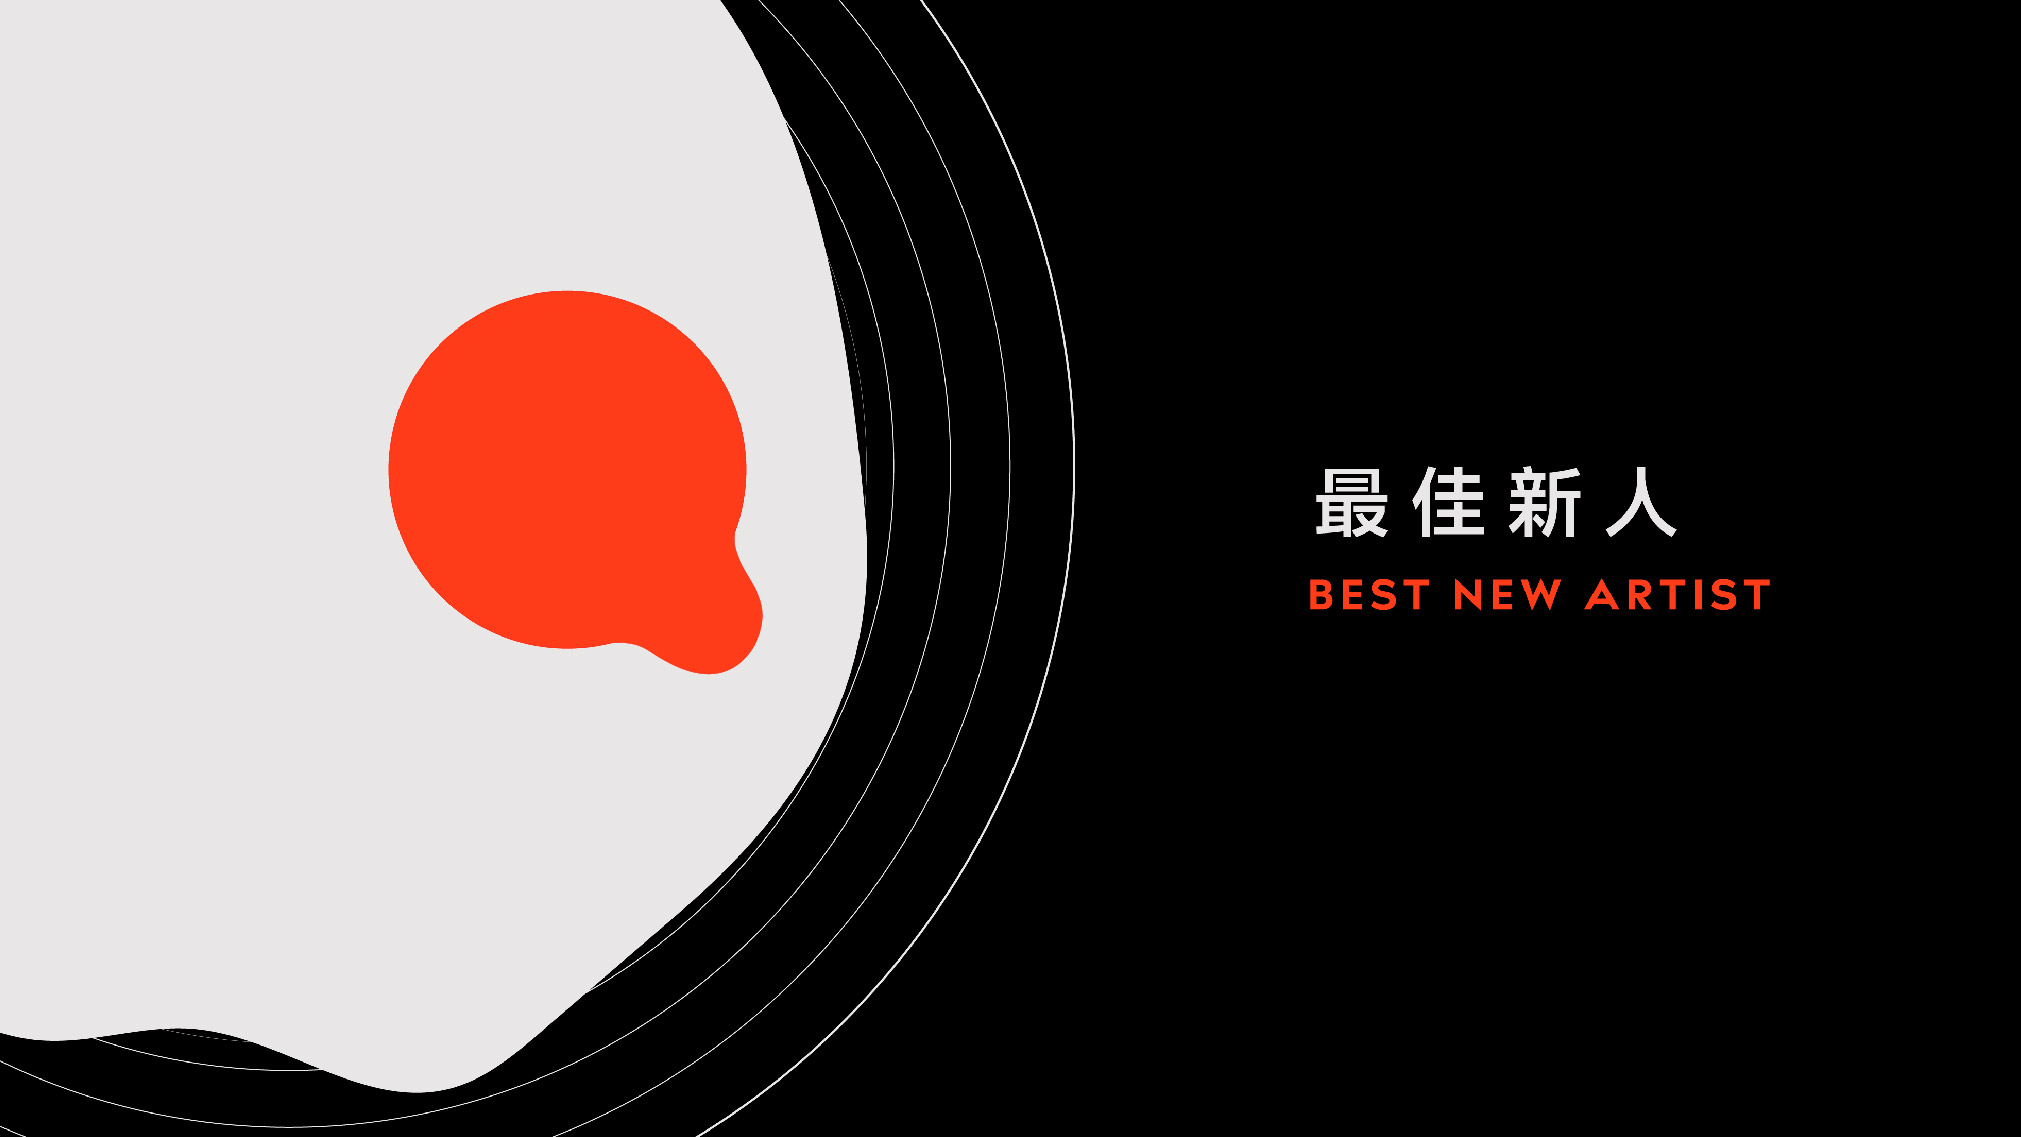 最佳新人獎-05.jpg